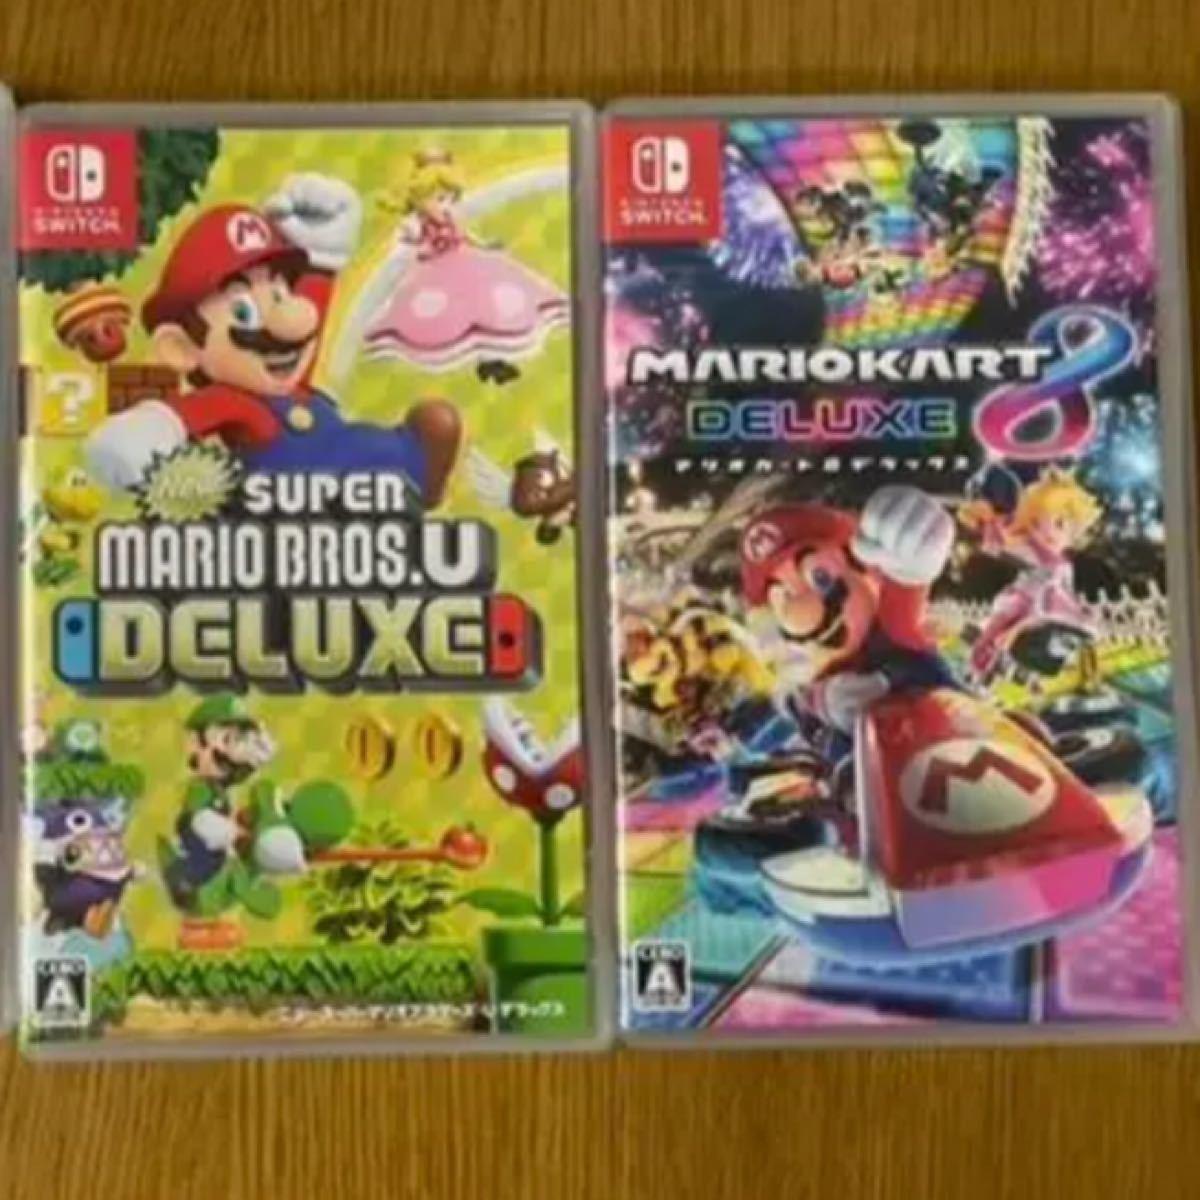 マリオカート8デラックス Nintendo Switch マリオカート ニンテンドースイッチ NewスーパーマリオブラザーズU